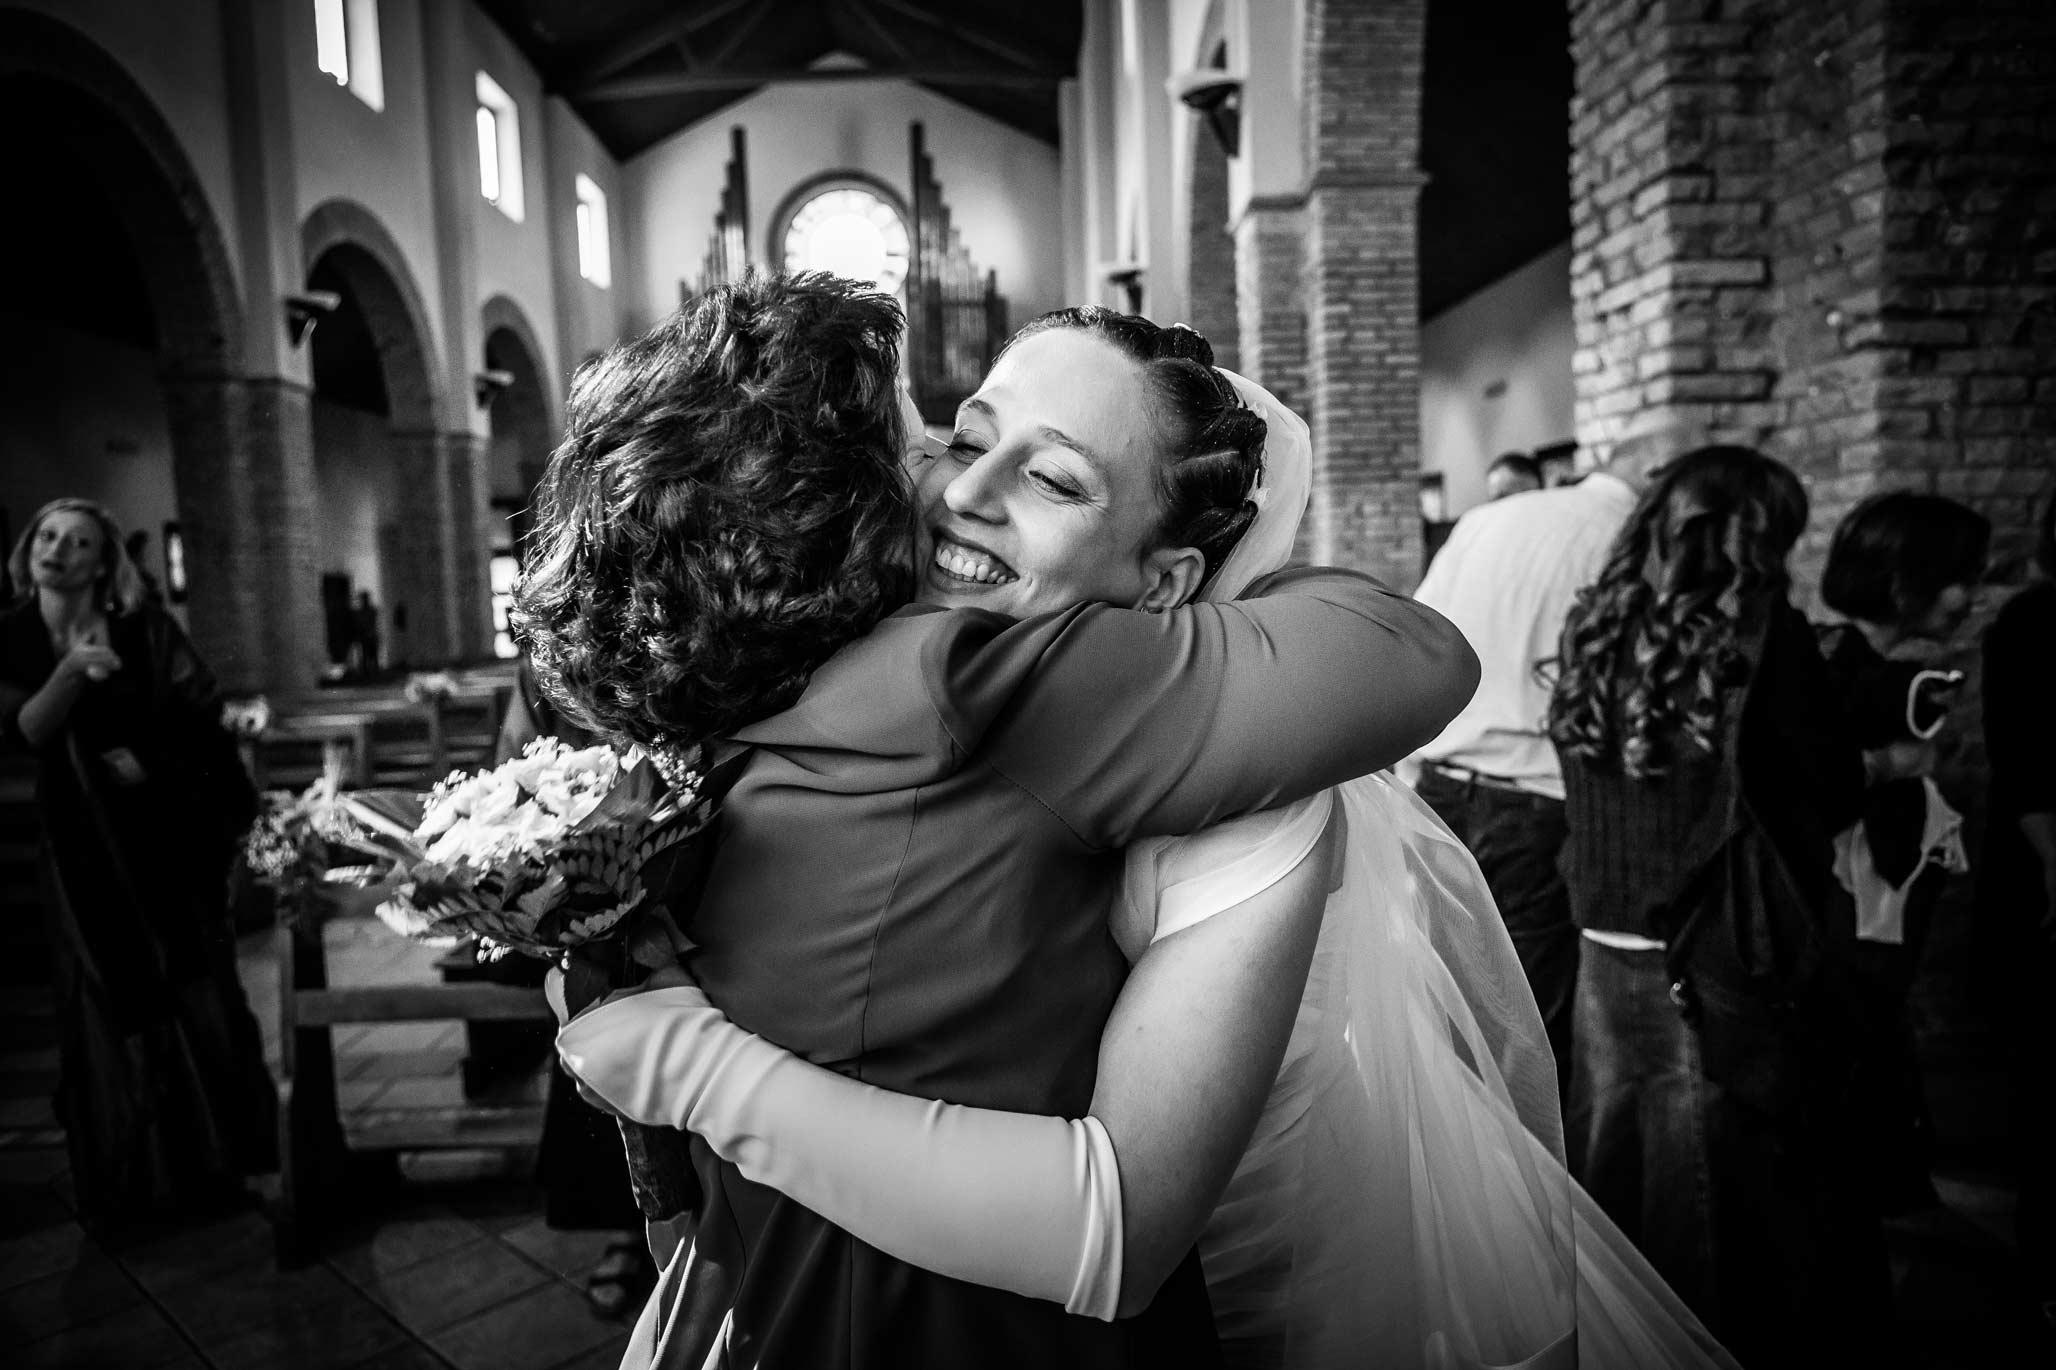 Destination-Wedding-Italy-Reportage-2-Ceremony